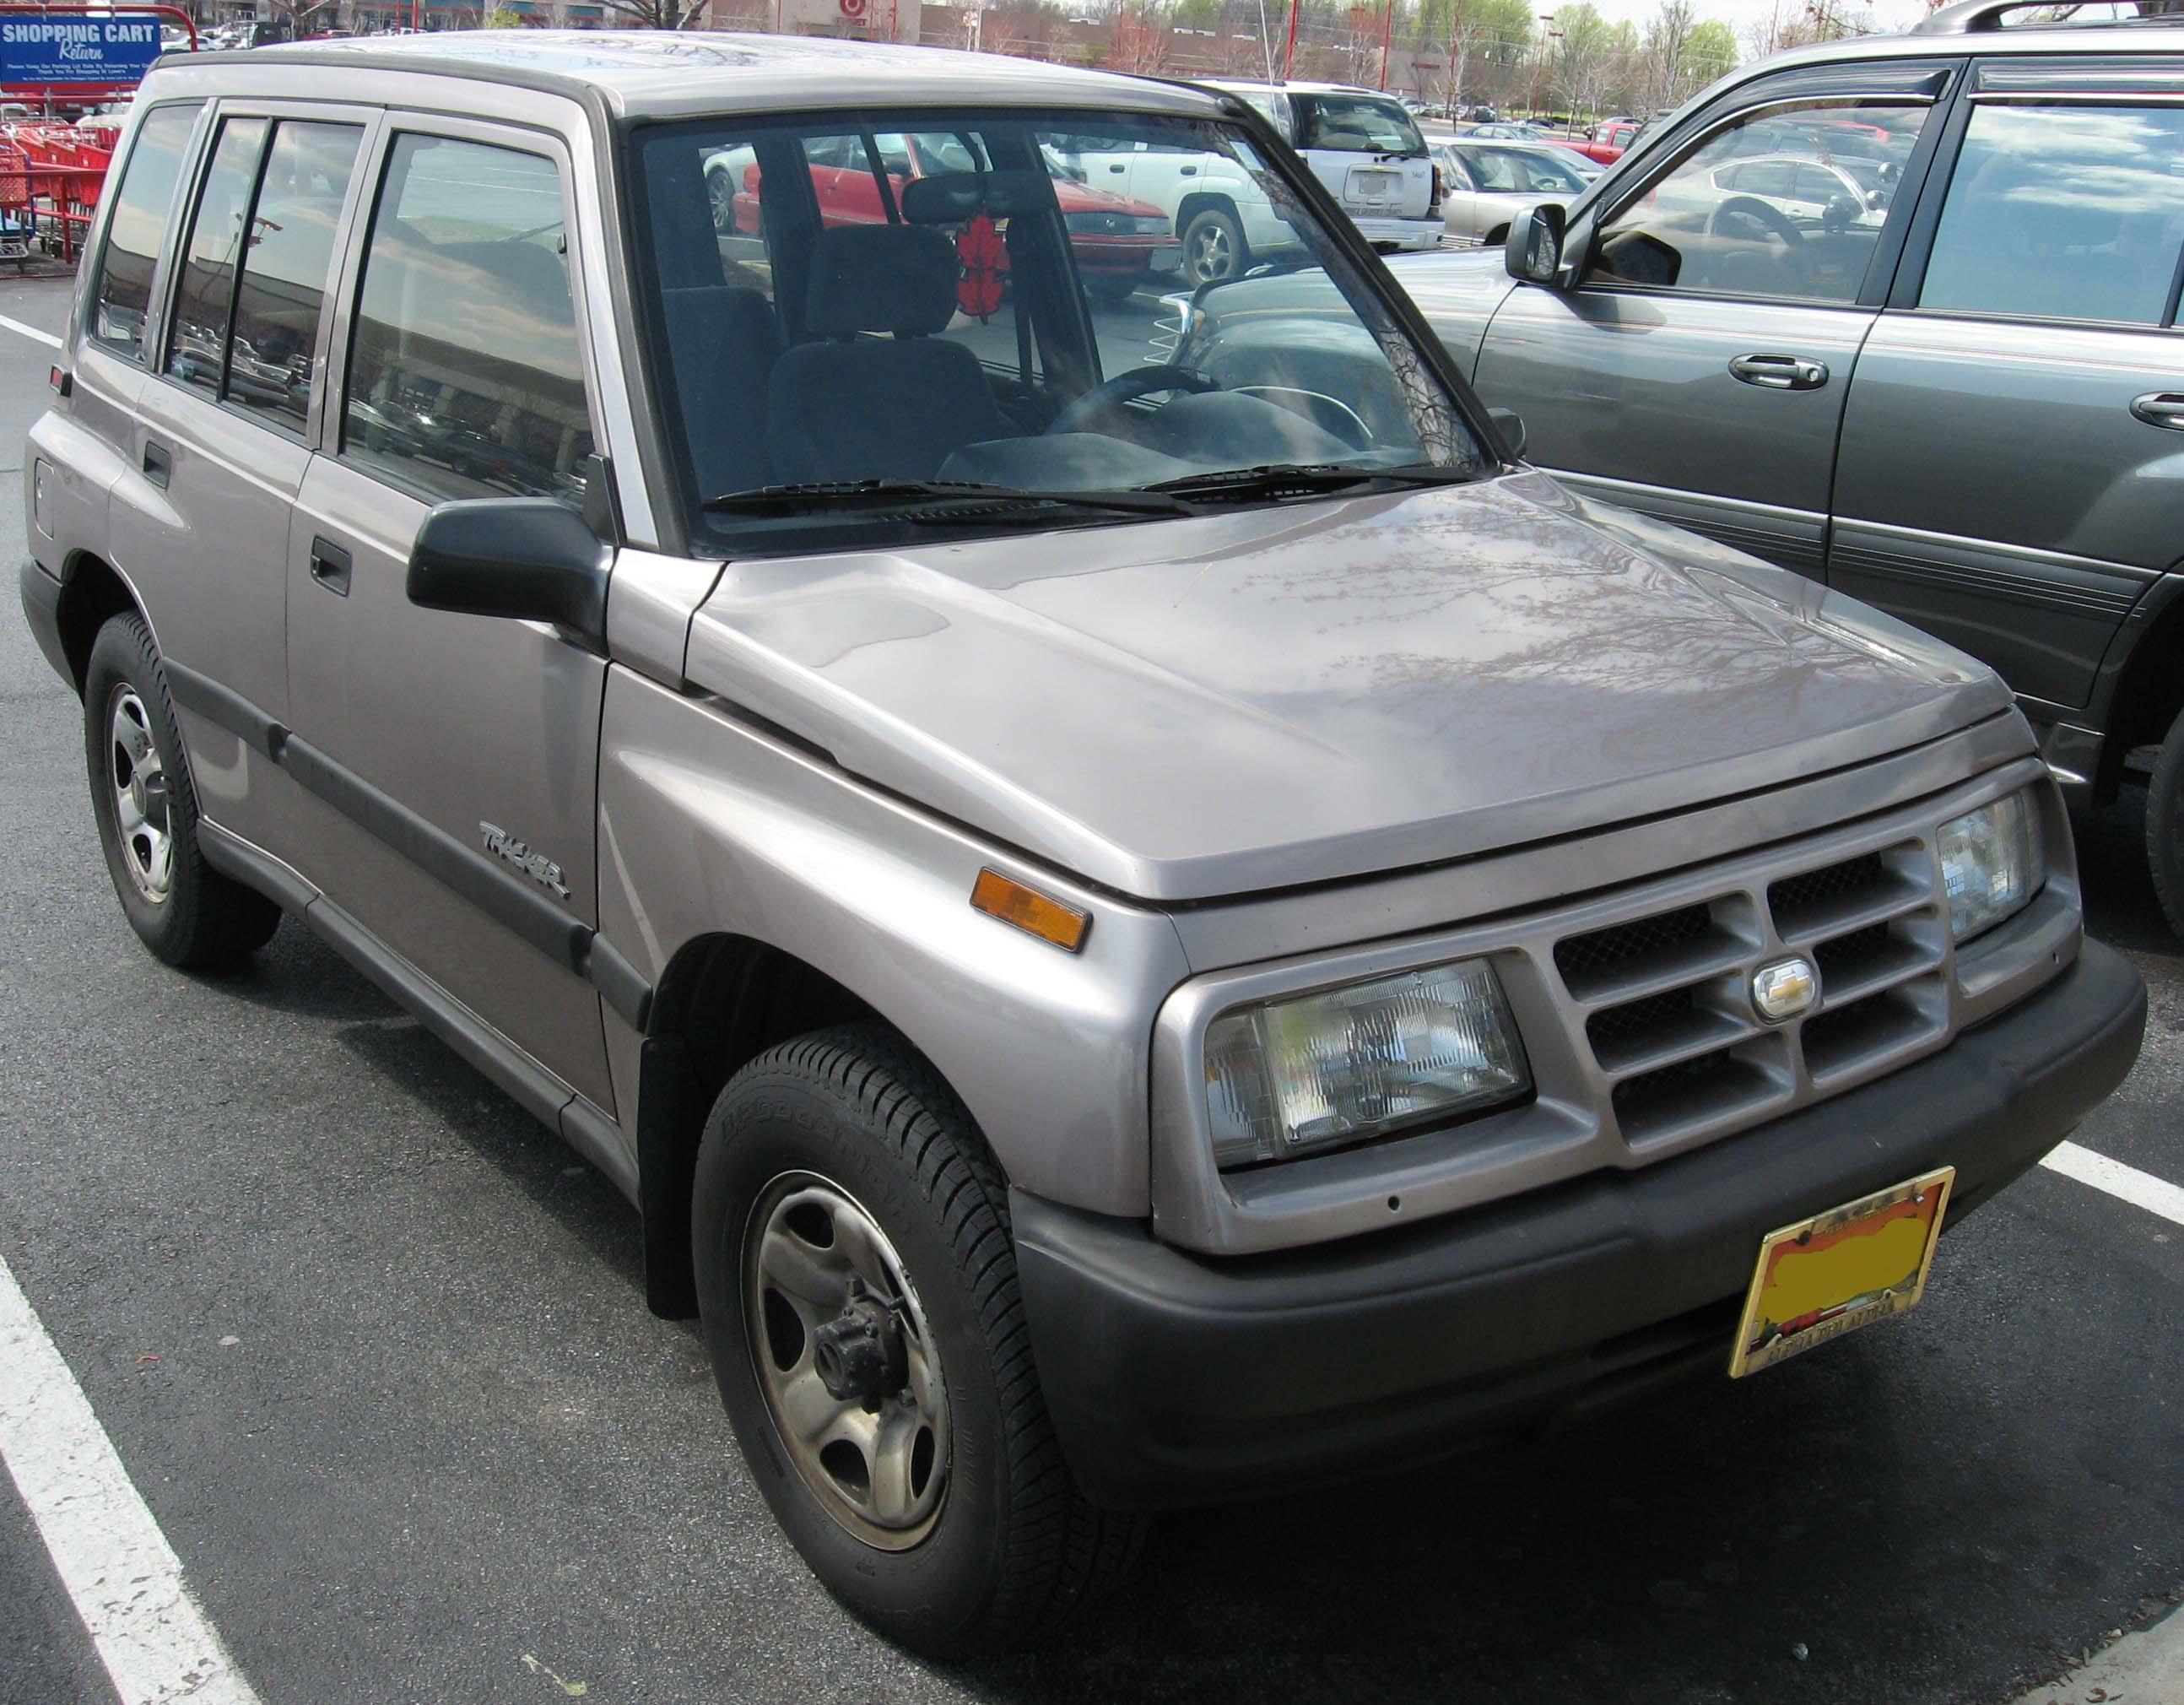 Chevrolet Tracker I 1989 - 1998 SUV 3 door #2